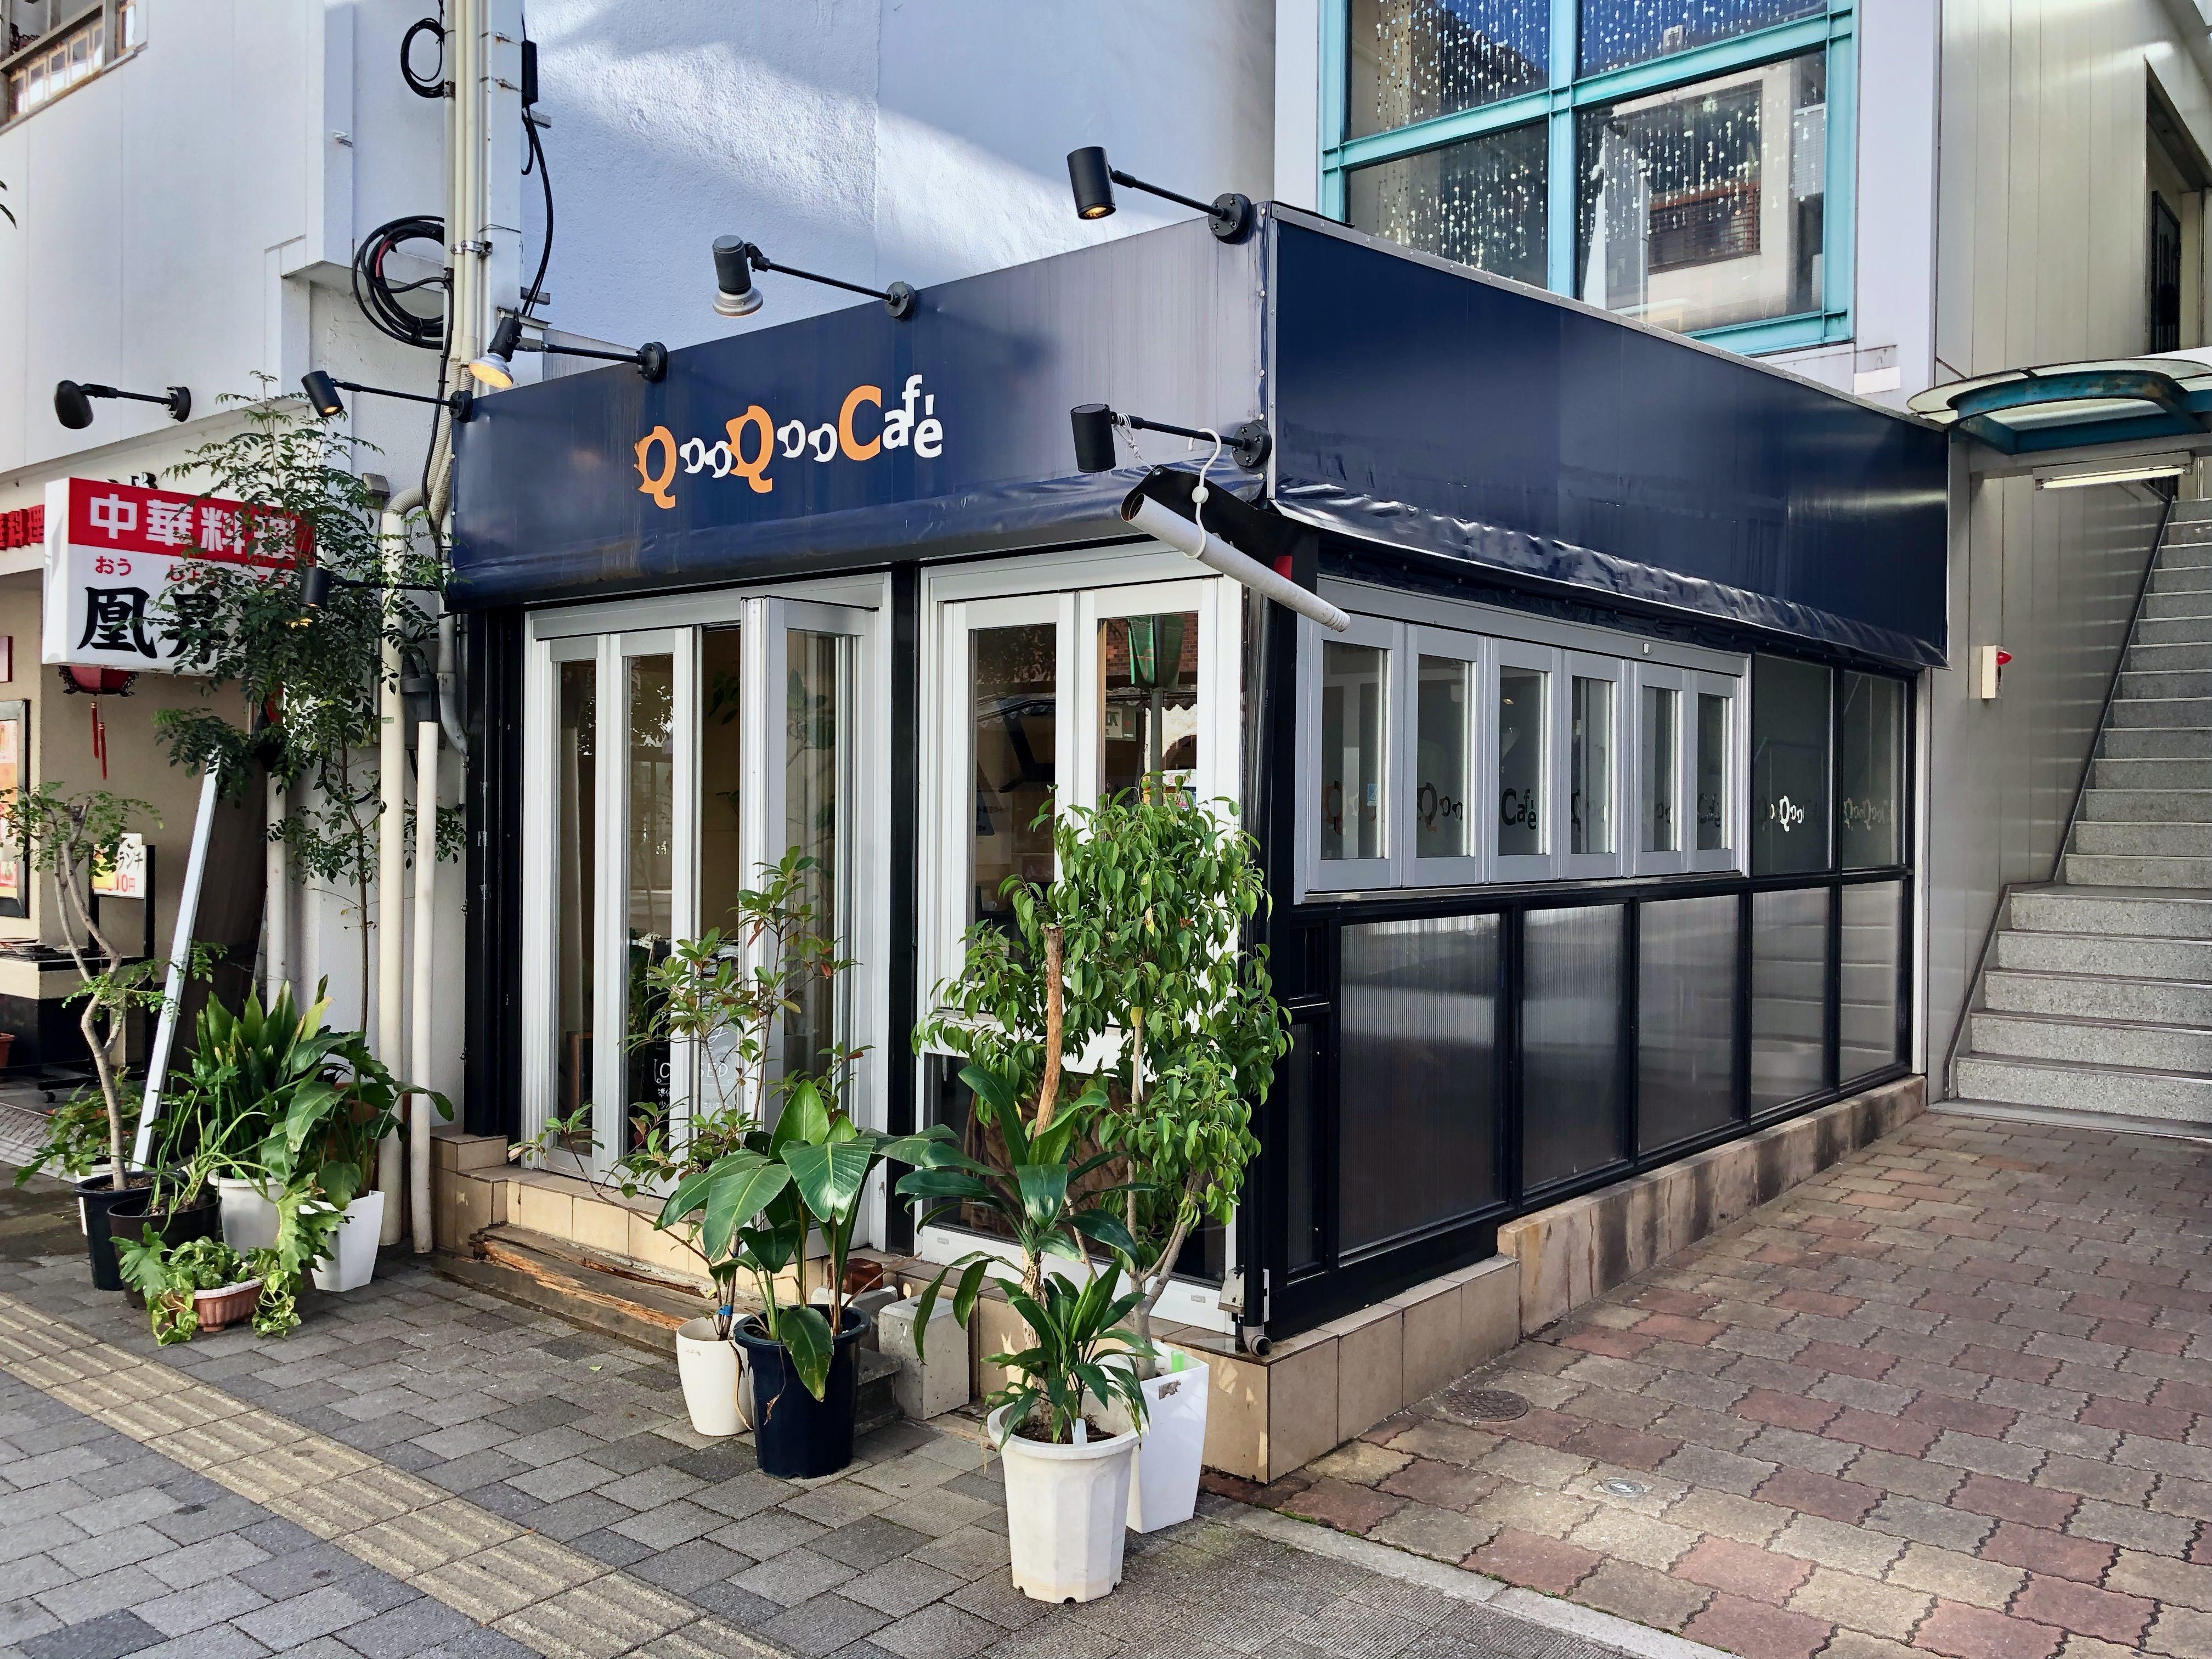 福山市のクークーカフェ備後ブロガー会